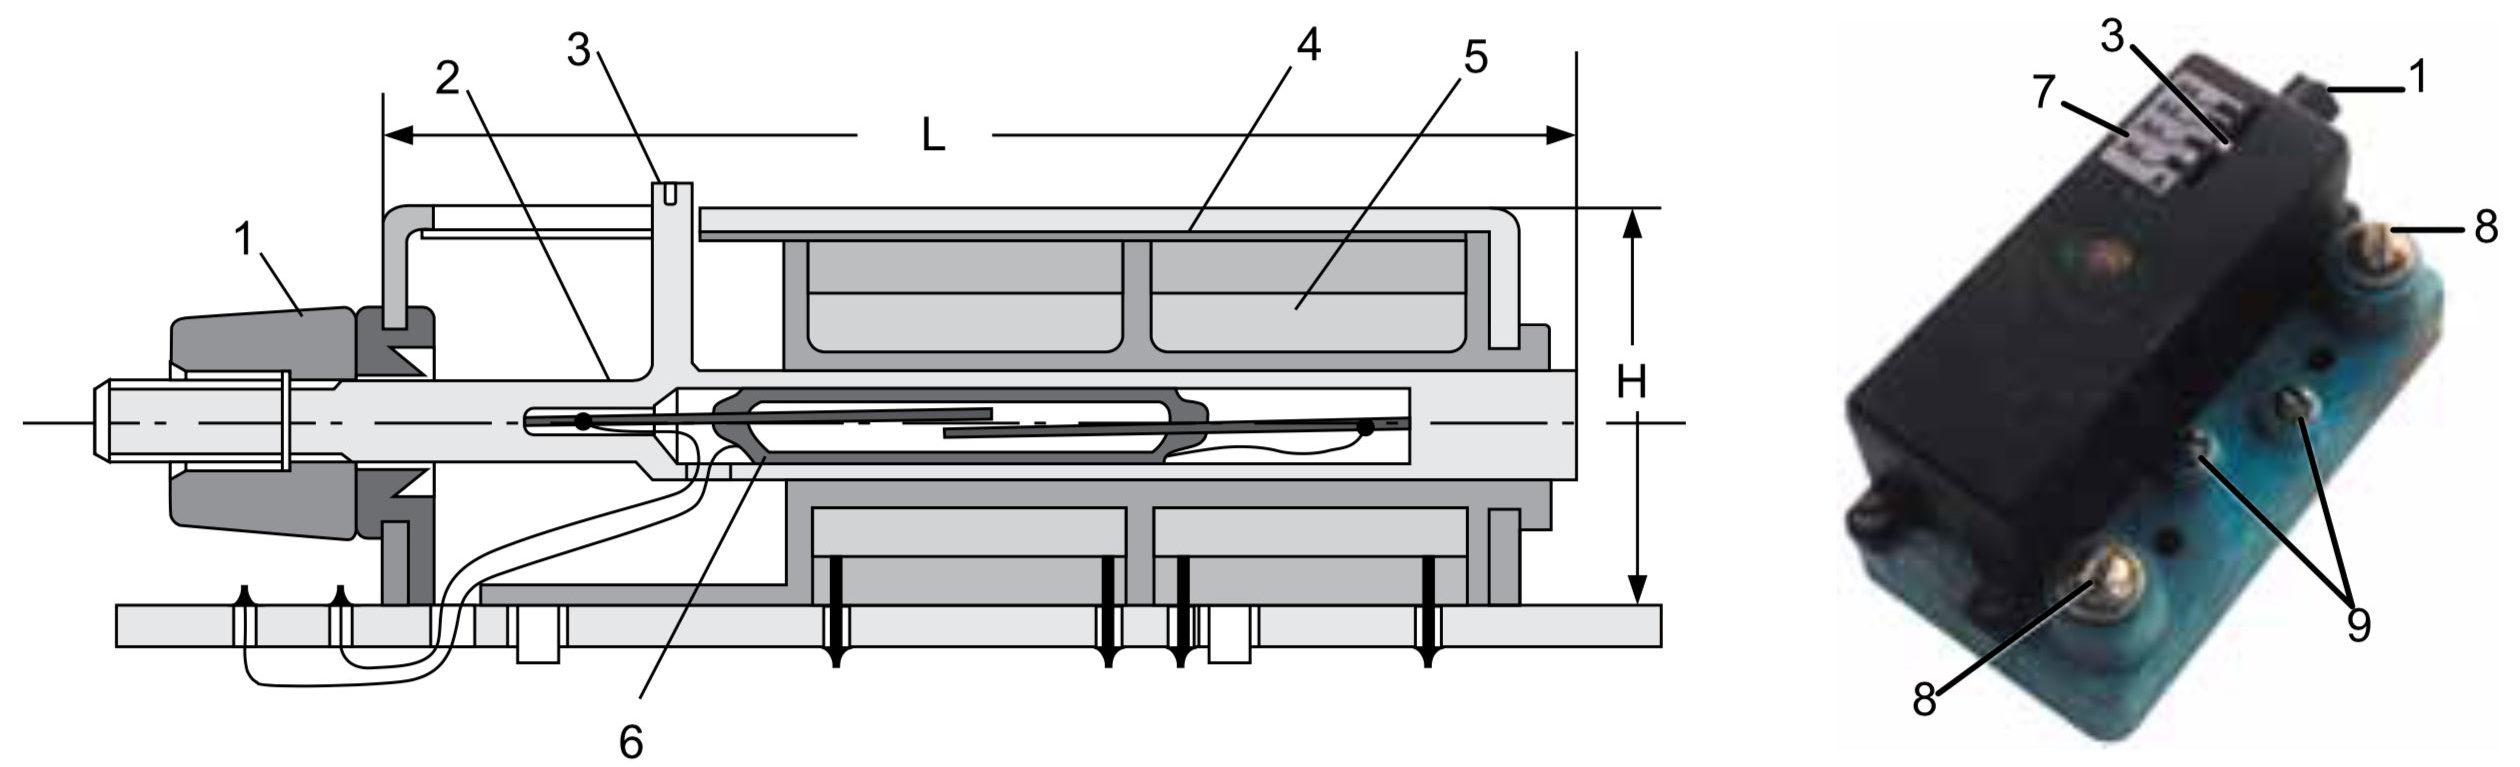 Герконовое реле с регулируемым порогом срабатывания с аксиальным расположением геркона и катушки и с соосным перемещением геркона